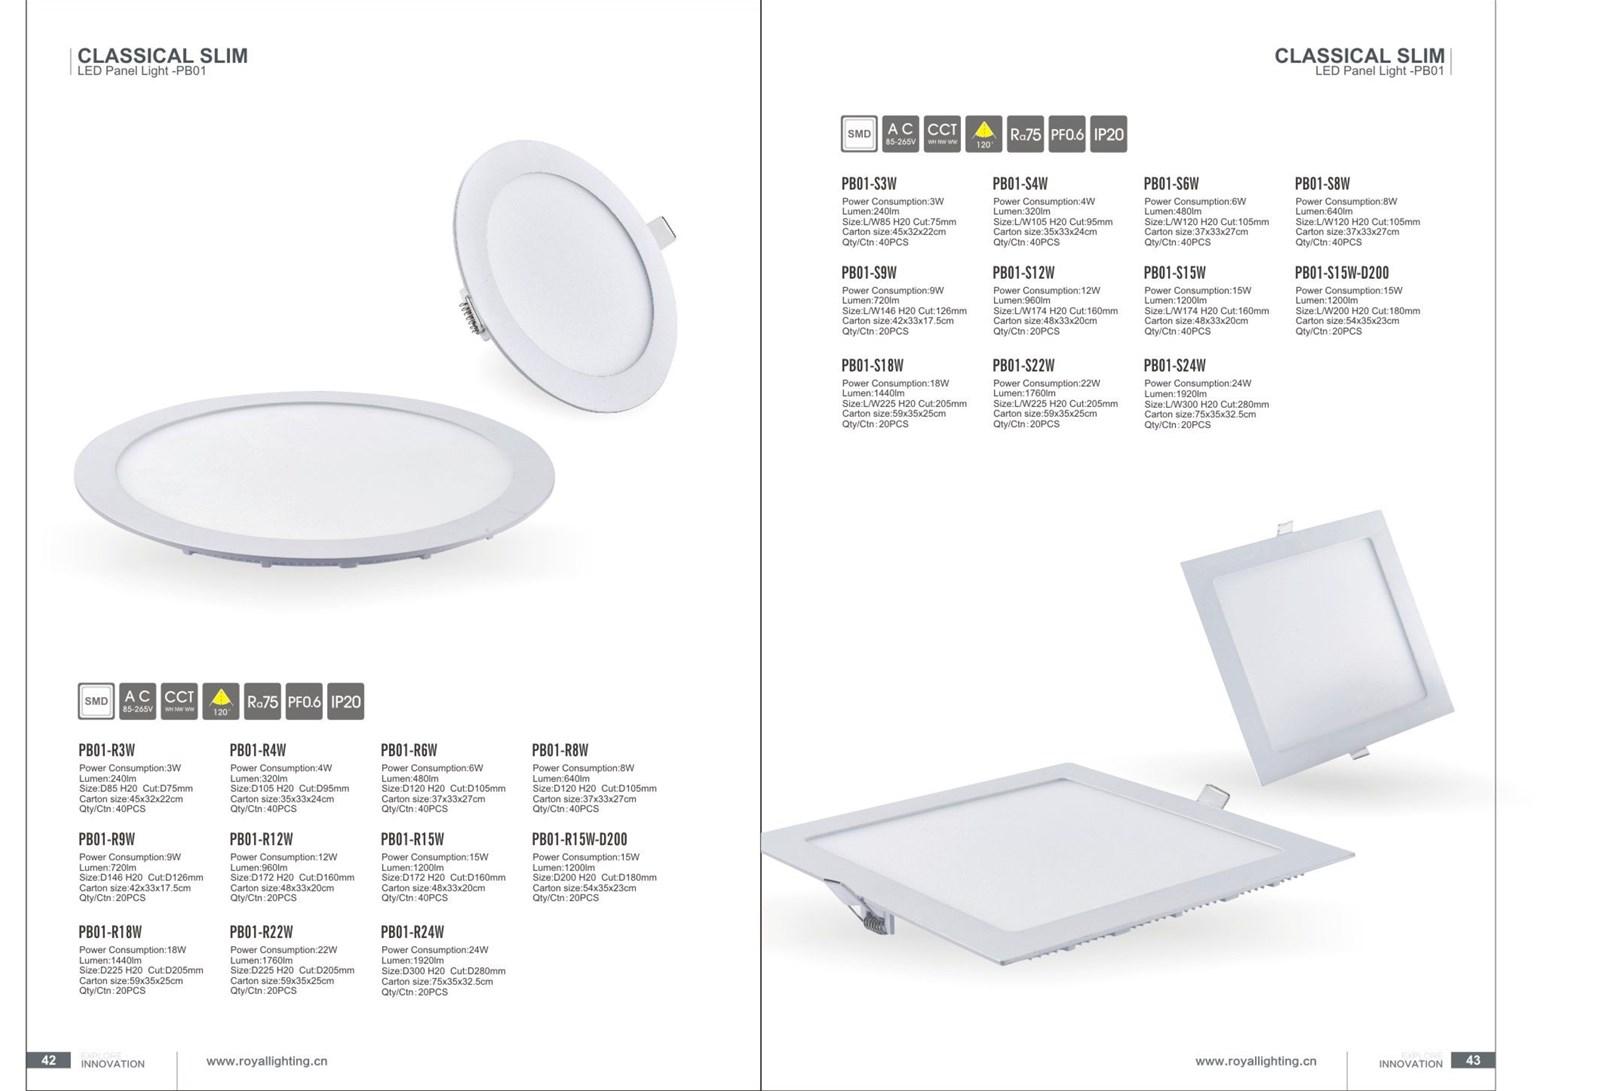 OEM sllm 3w 4w 6w 9w 12w 15w 18w 24w sllm LED panel CLASSICAL SLIM